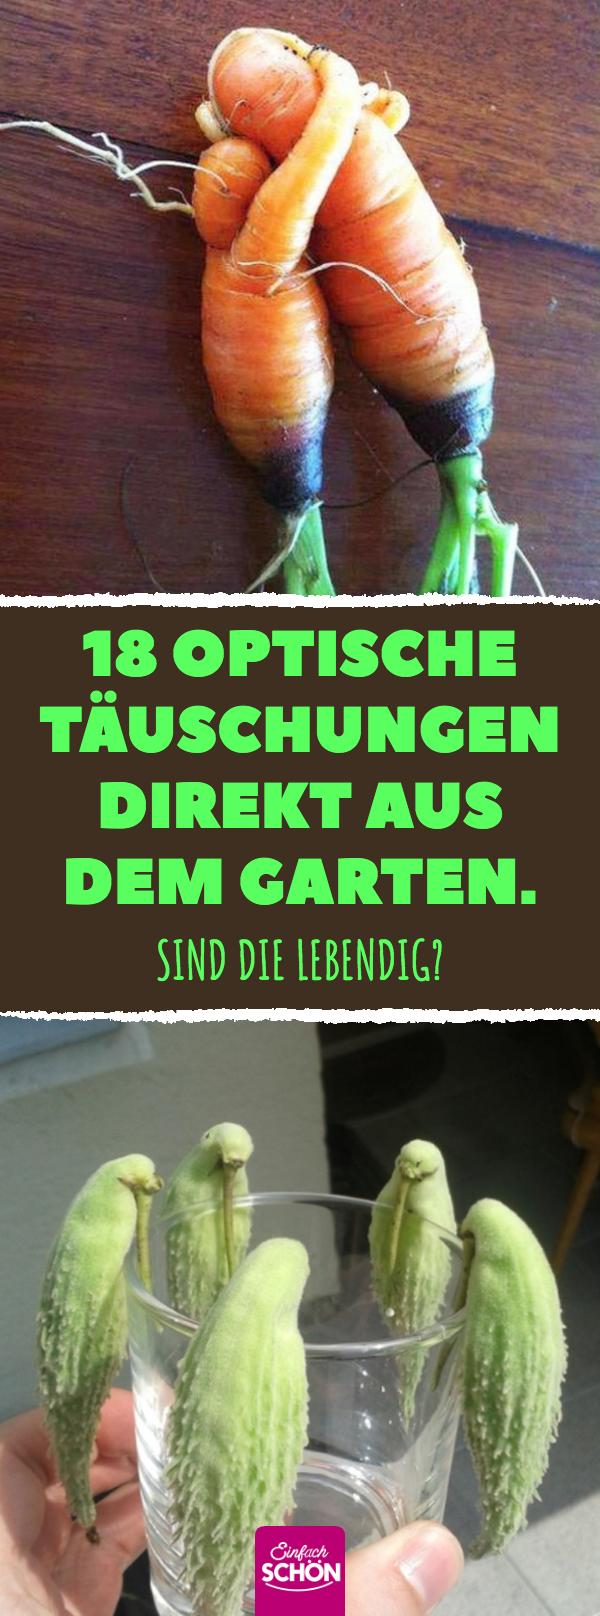 #15 optische Täuschungen direkt aus dem Garten #kuriositäten